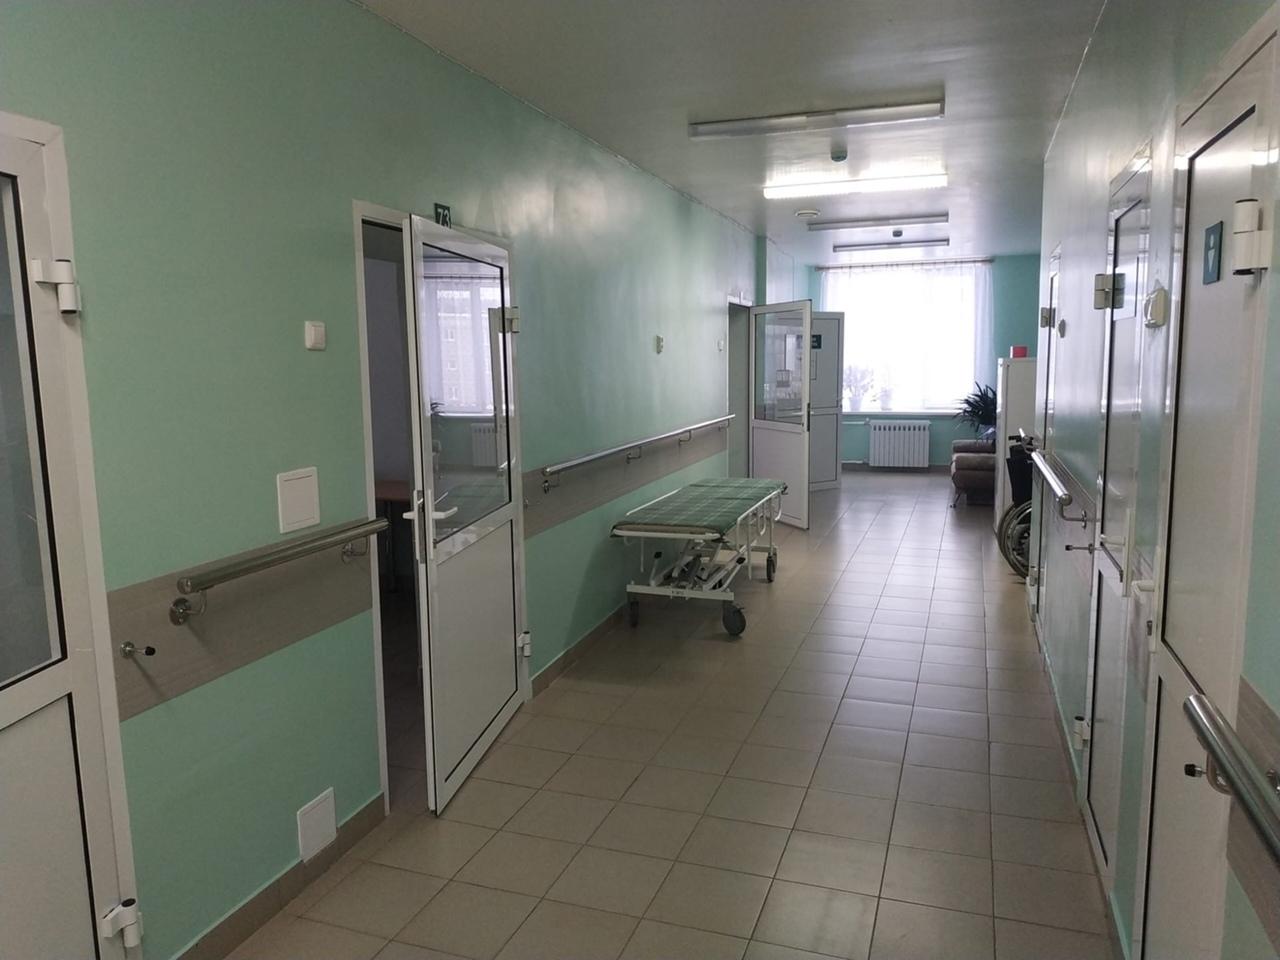 Капитальный ремонт входной группы в поликлинике в Сысерти